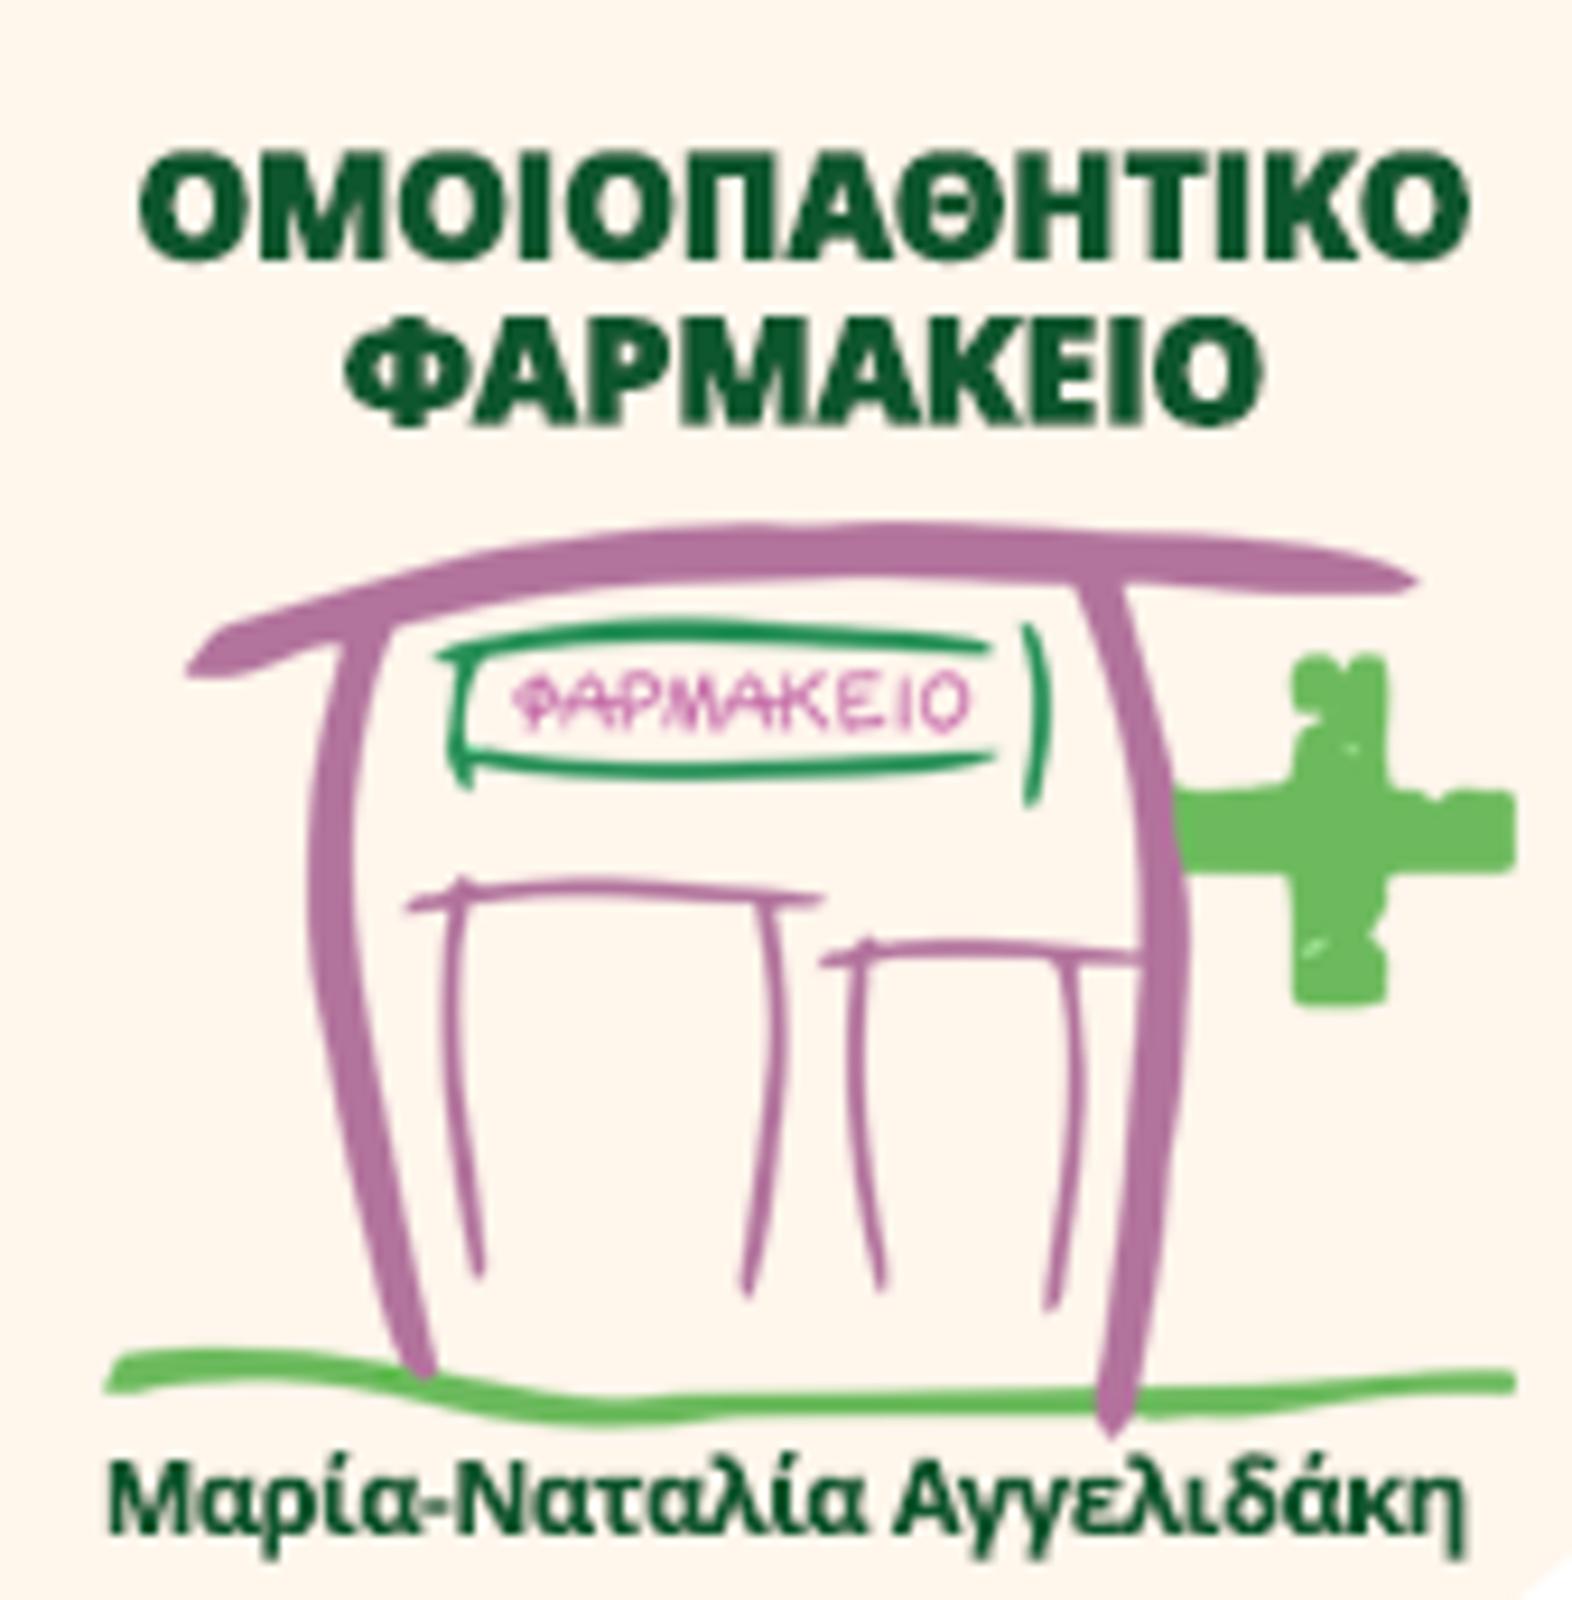 Φαρμακείο ΑΓΓΕΛΙΔΑΚΗ ΜΑΡΙΑ-ΝΑΤΑΛΙΑ